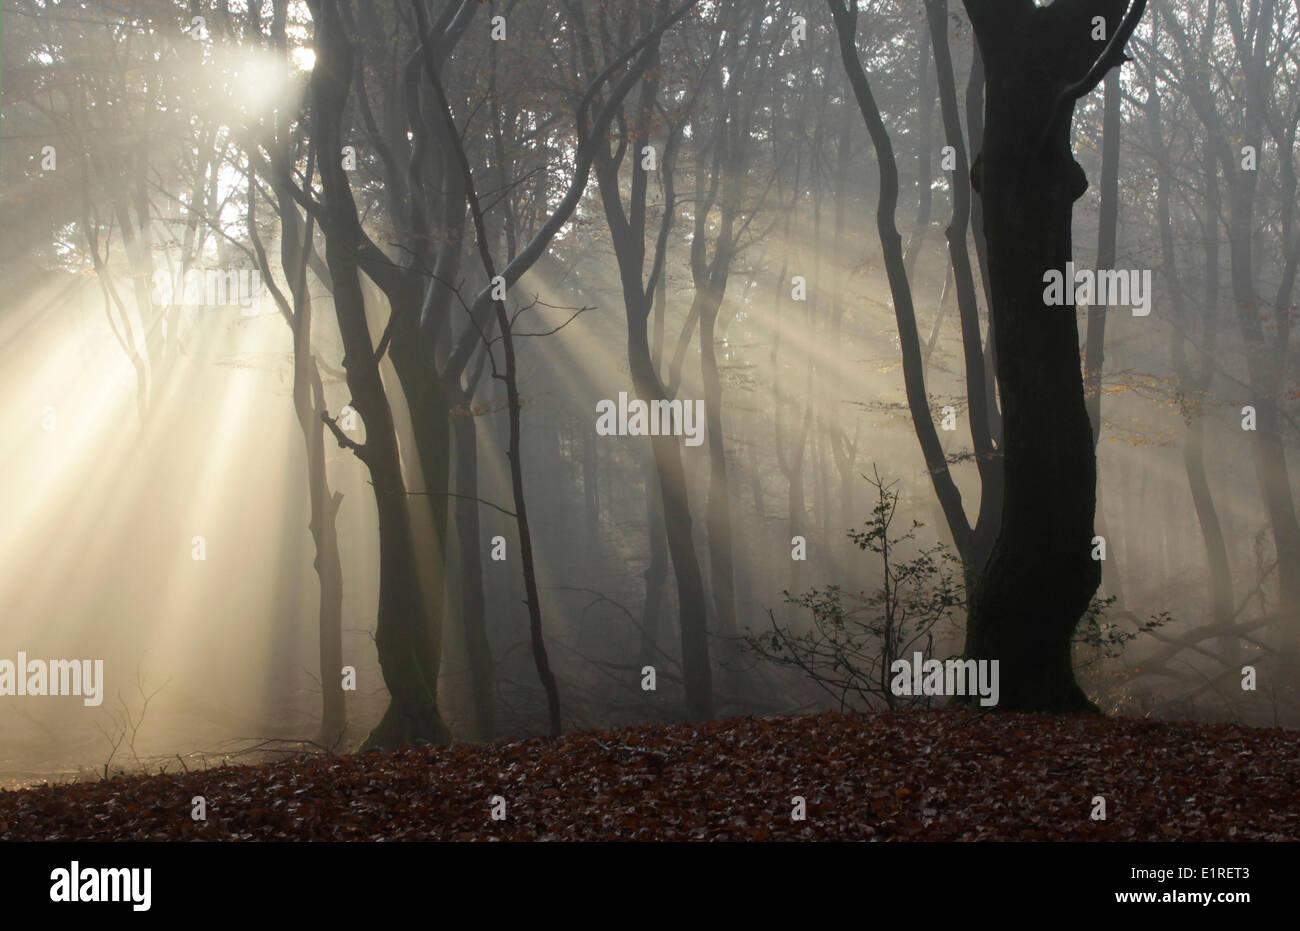 Montículo ancestral prehistórico con rayos de sol en un bosque. Foto de stock